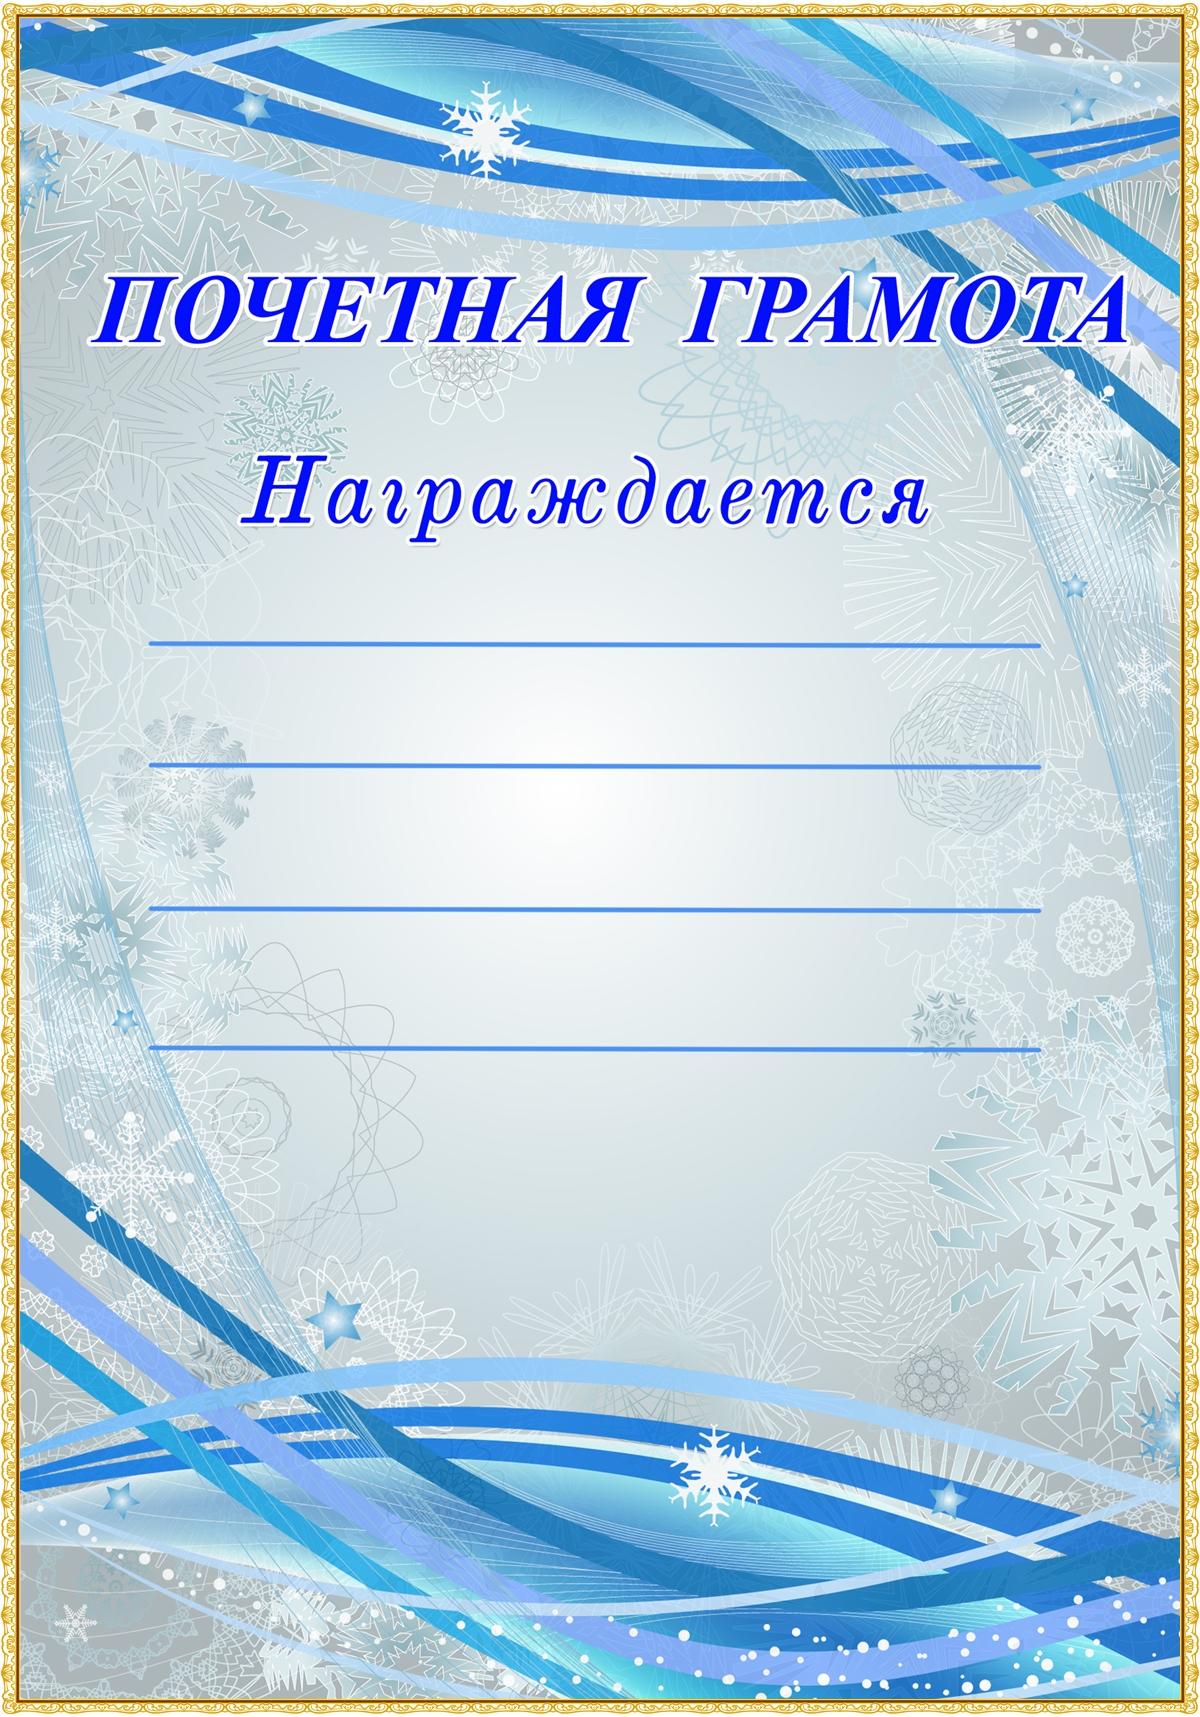 Похвальная грамота со снежинками и синими ленточками